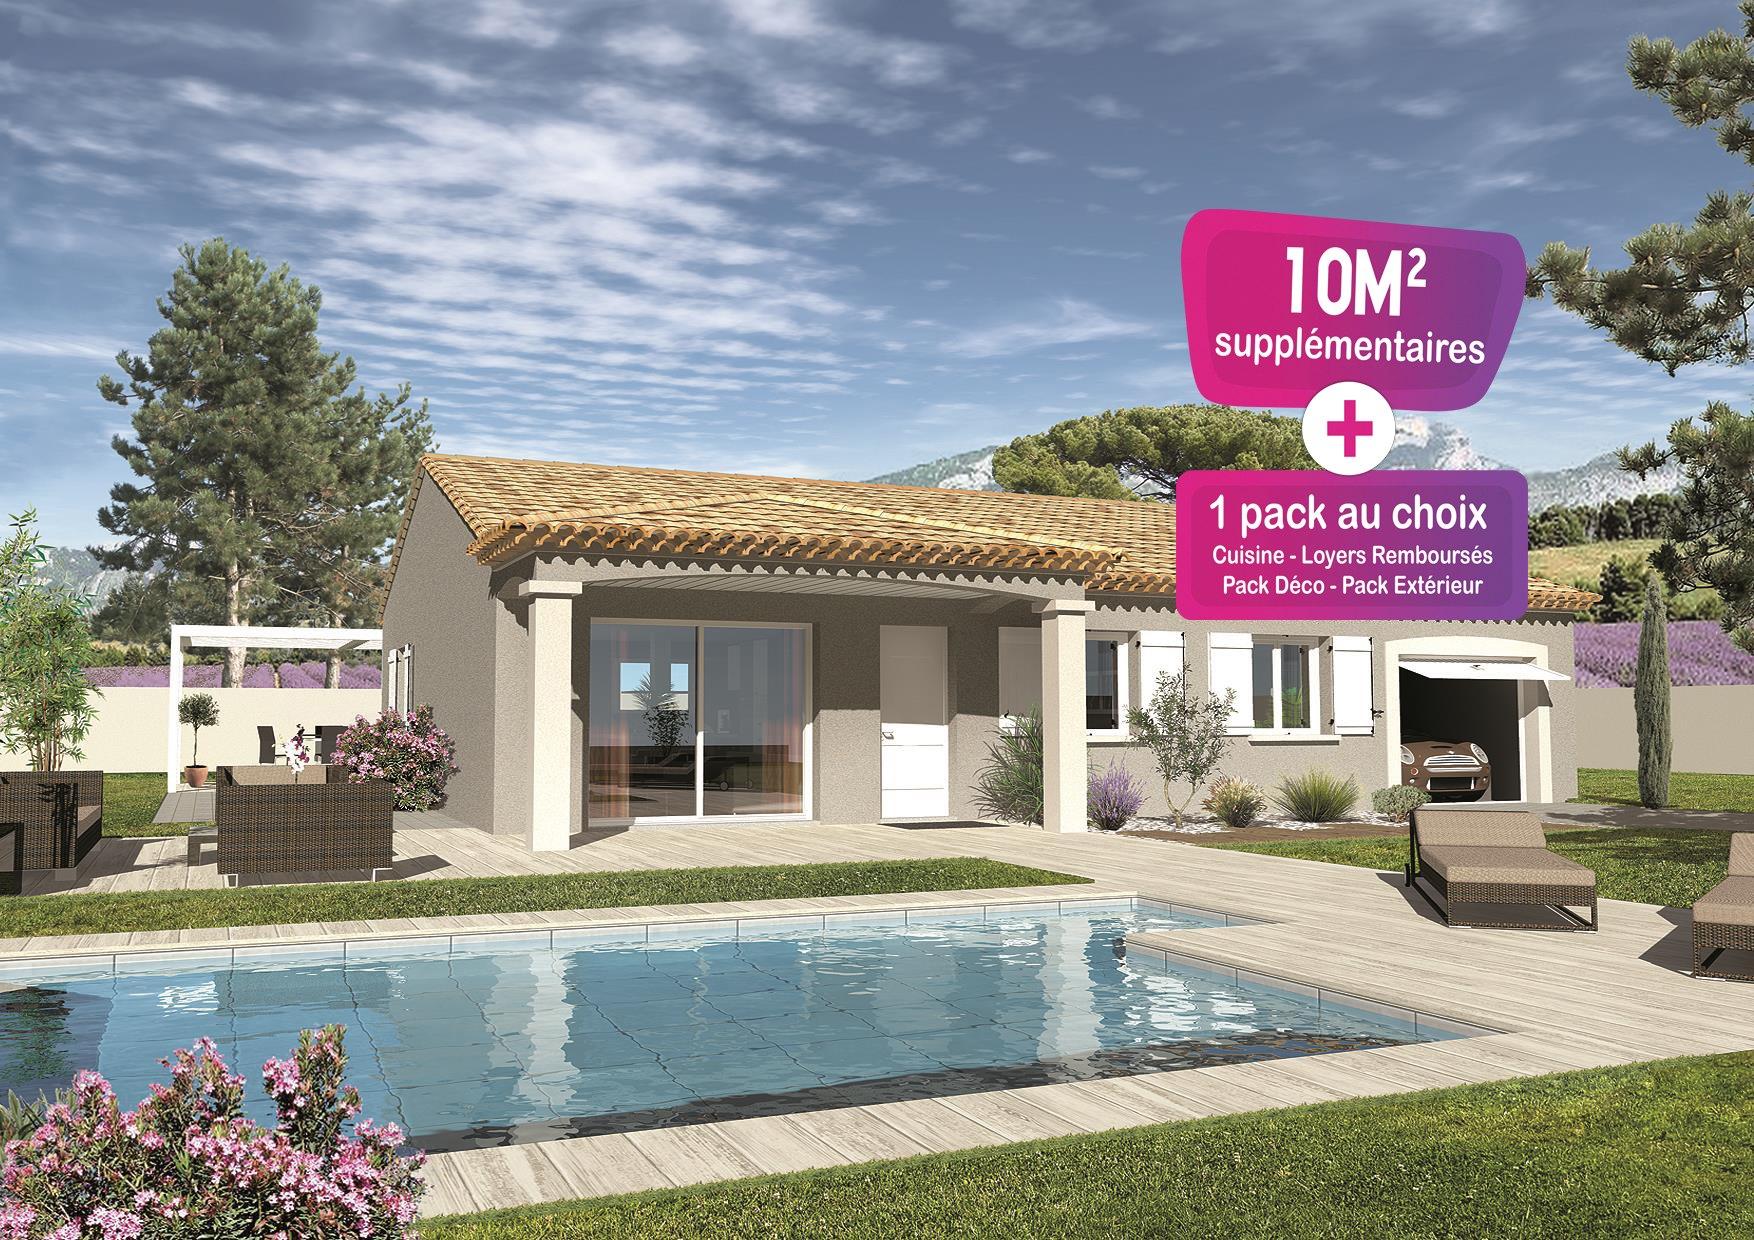 Maisons + Terrains du constructeur MAISONS PUNCH • 80 m² • CARPENTRAS